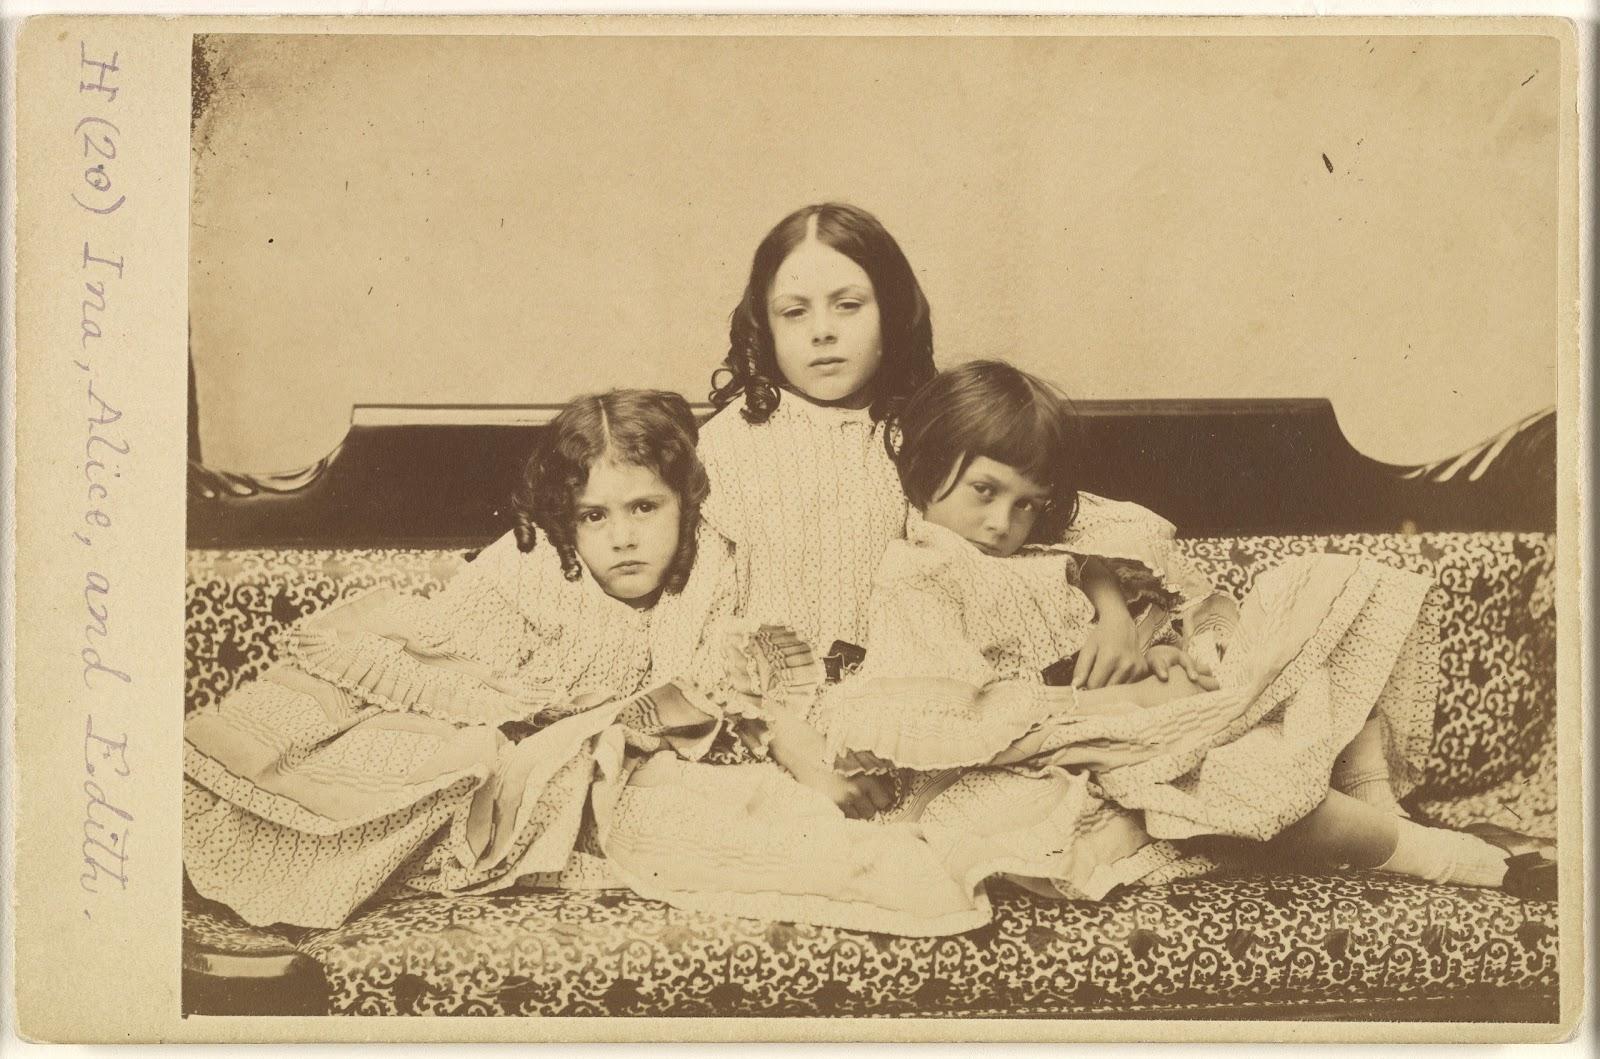 リデル家のイーディスとロリーナとアリスの三姉妹